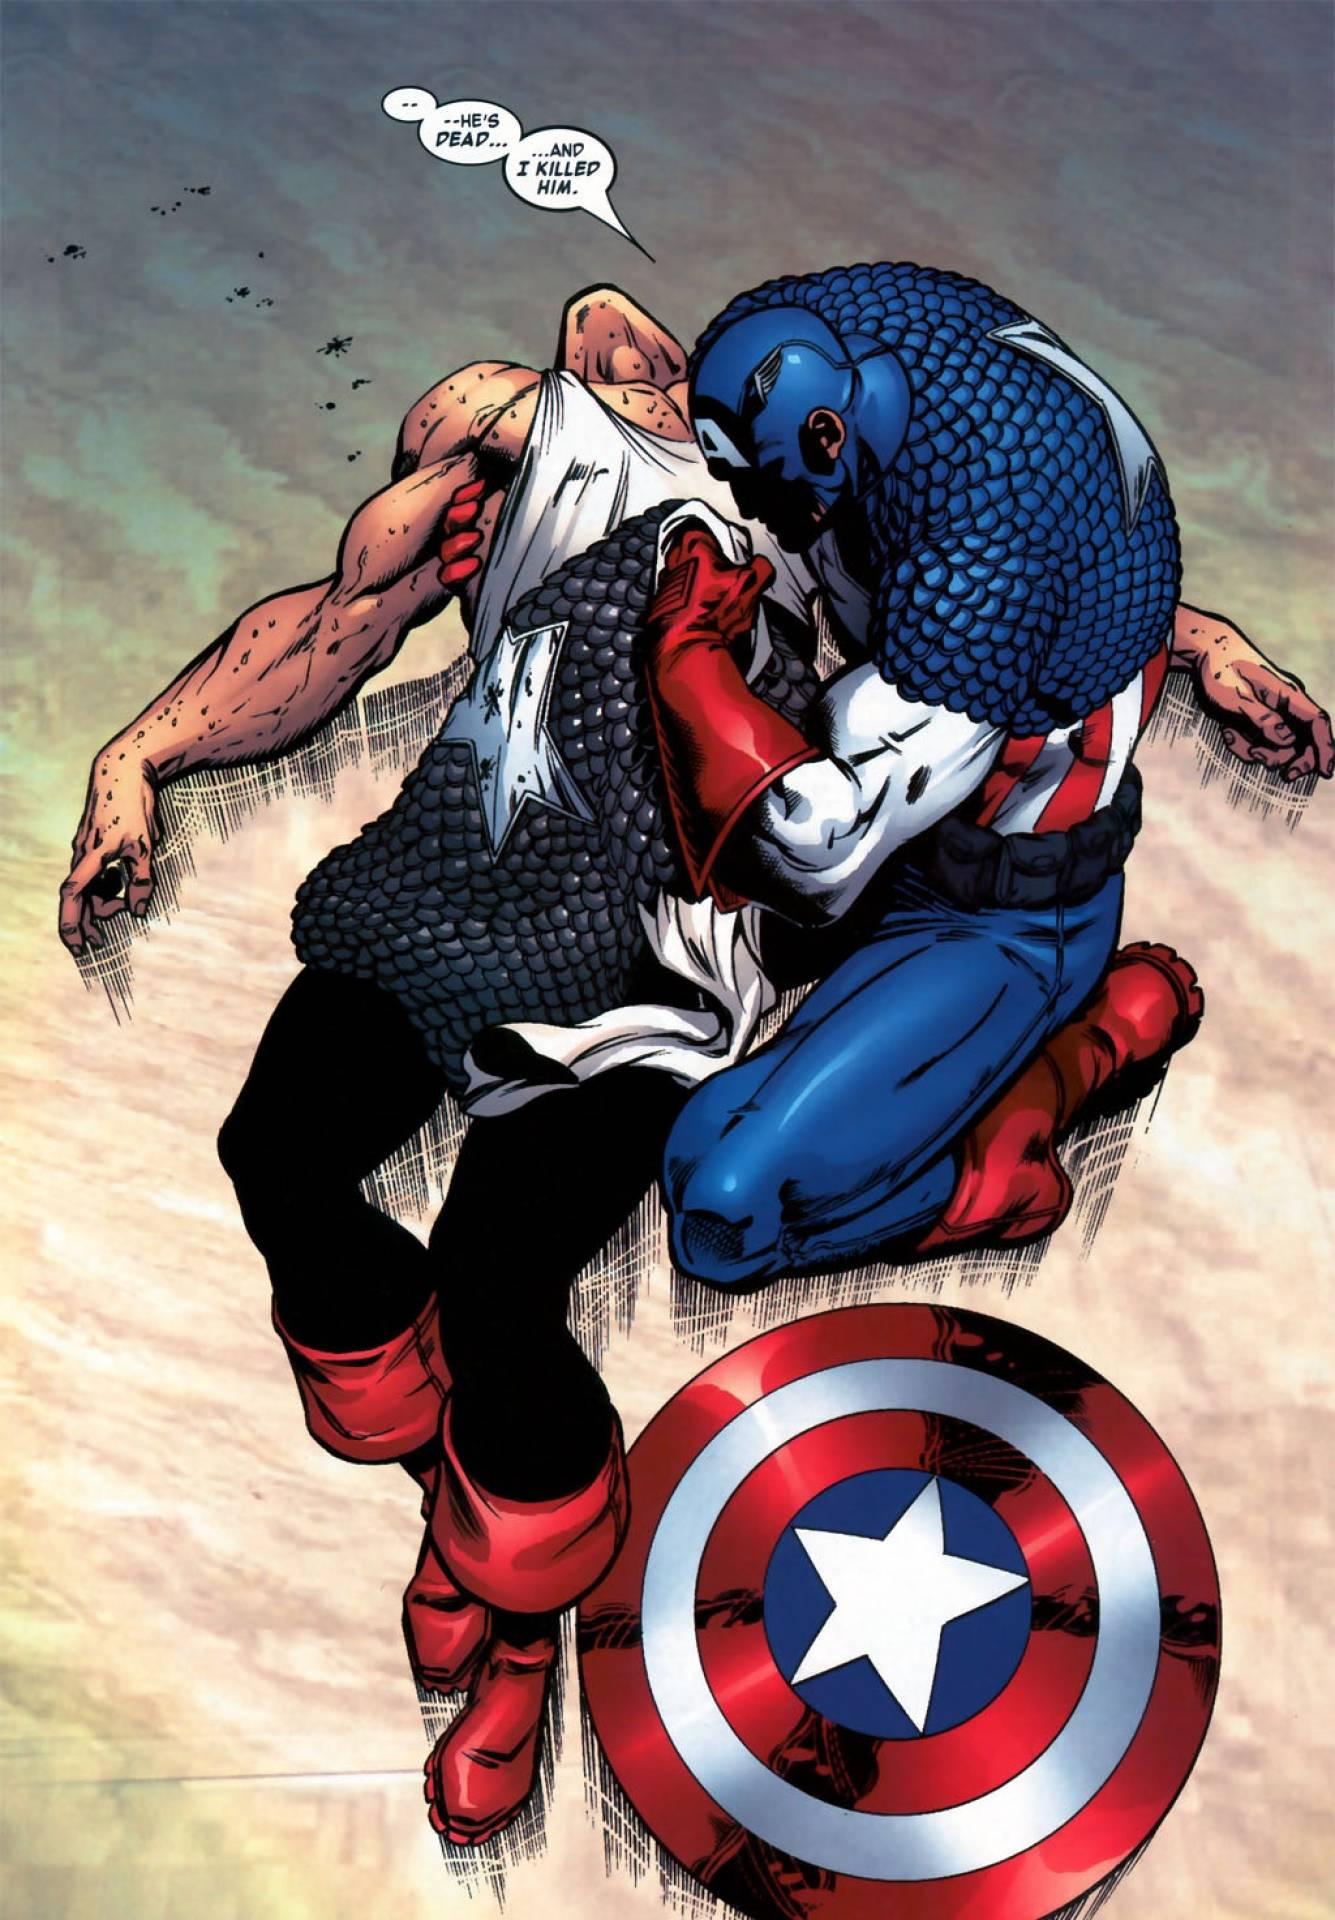 Anti-Cap's apparent death.